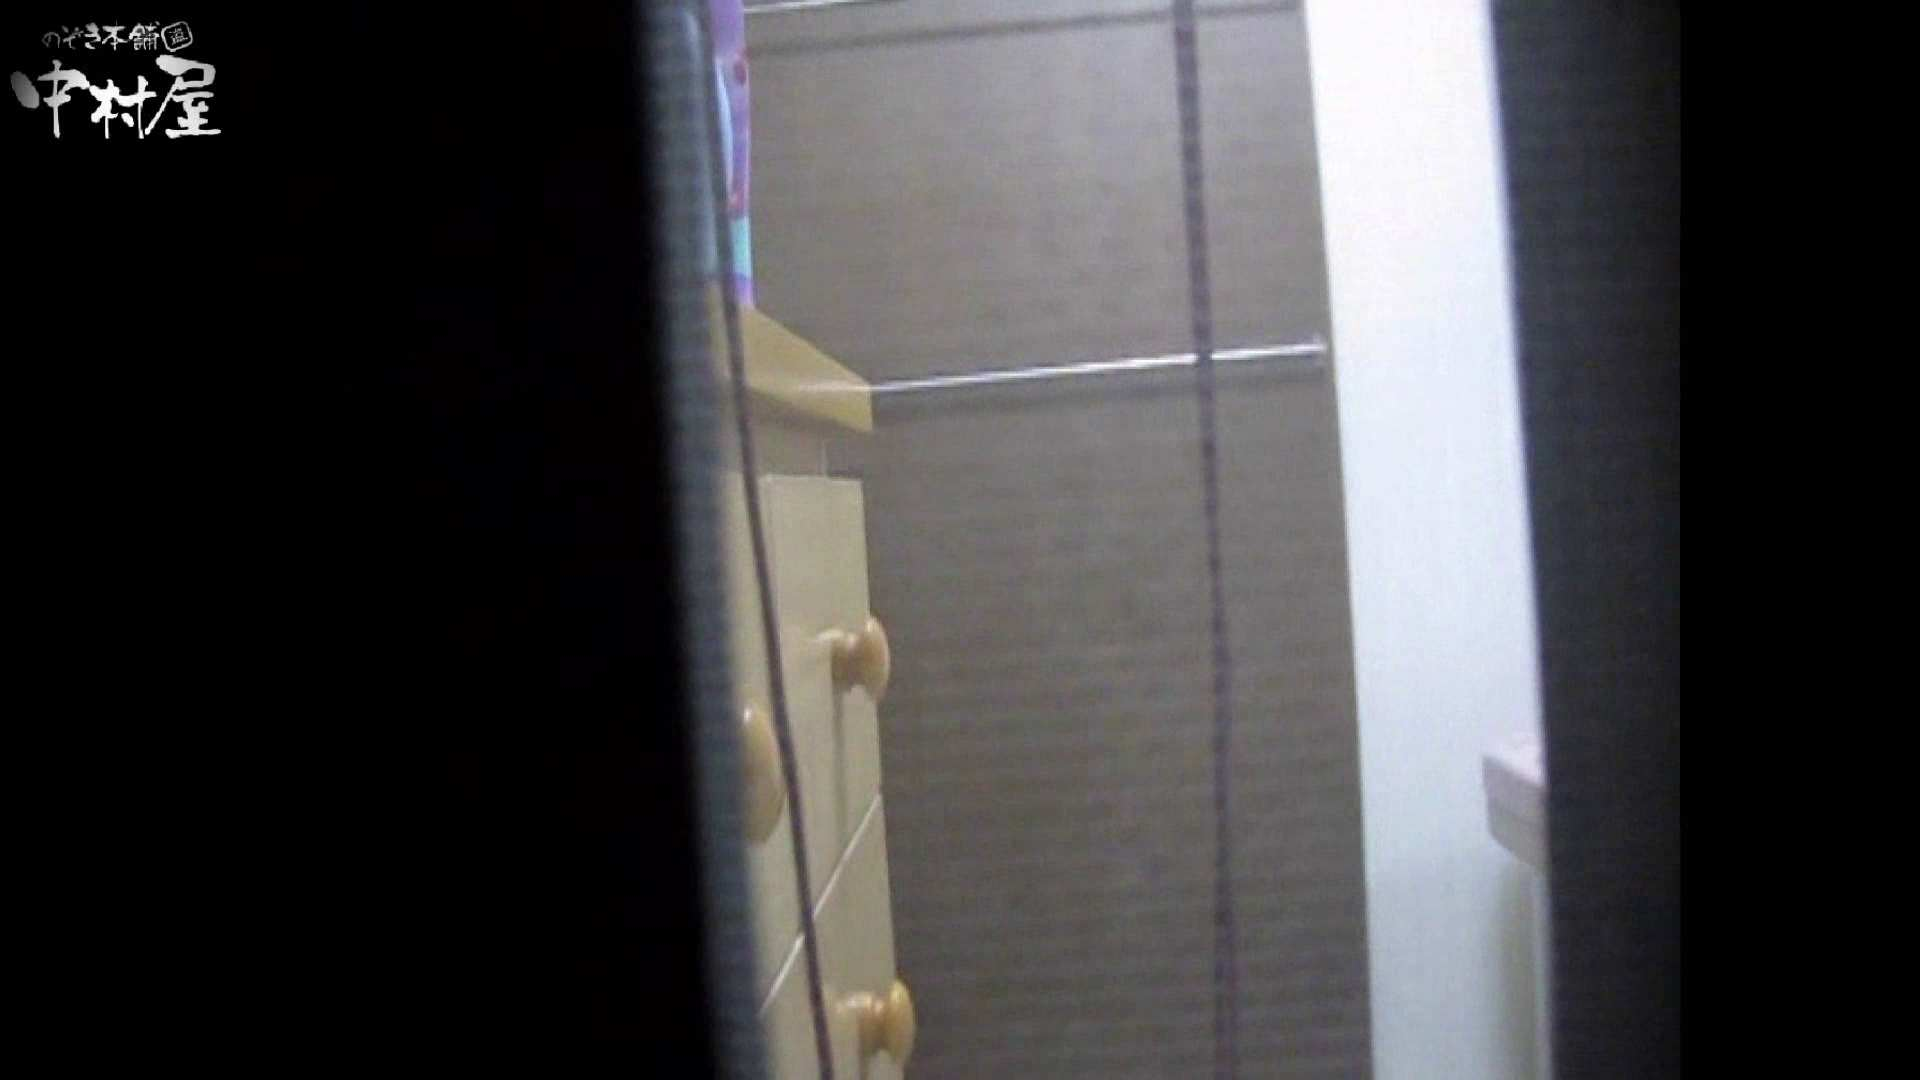 民家風呂専門盗撮師の超危険映像 vol.005 OLすけべ画像 ぱこり動画紹介 36連発 8